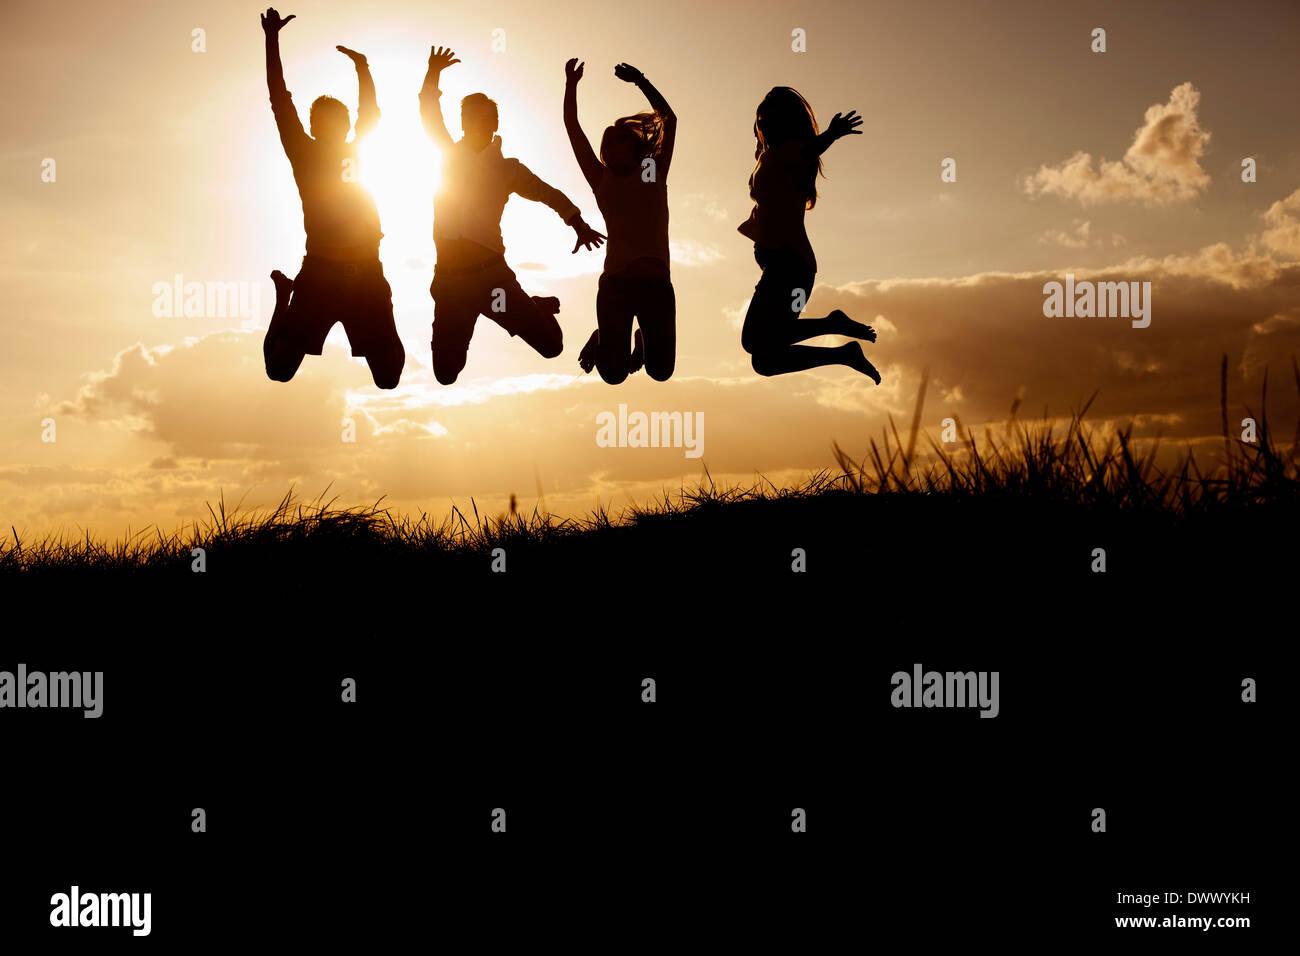 Silhouette Bild von Freunden am Strand gegen Himmel springen Stockbild